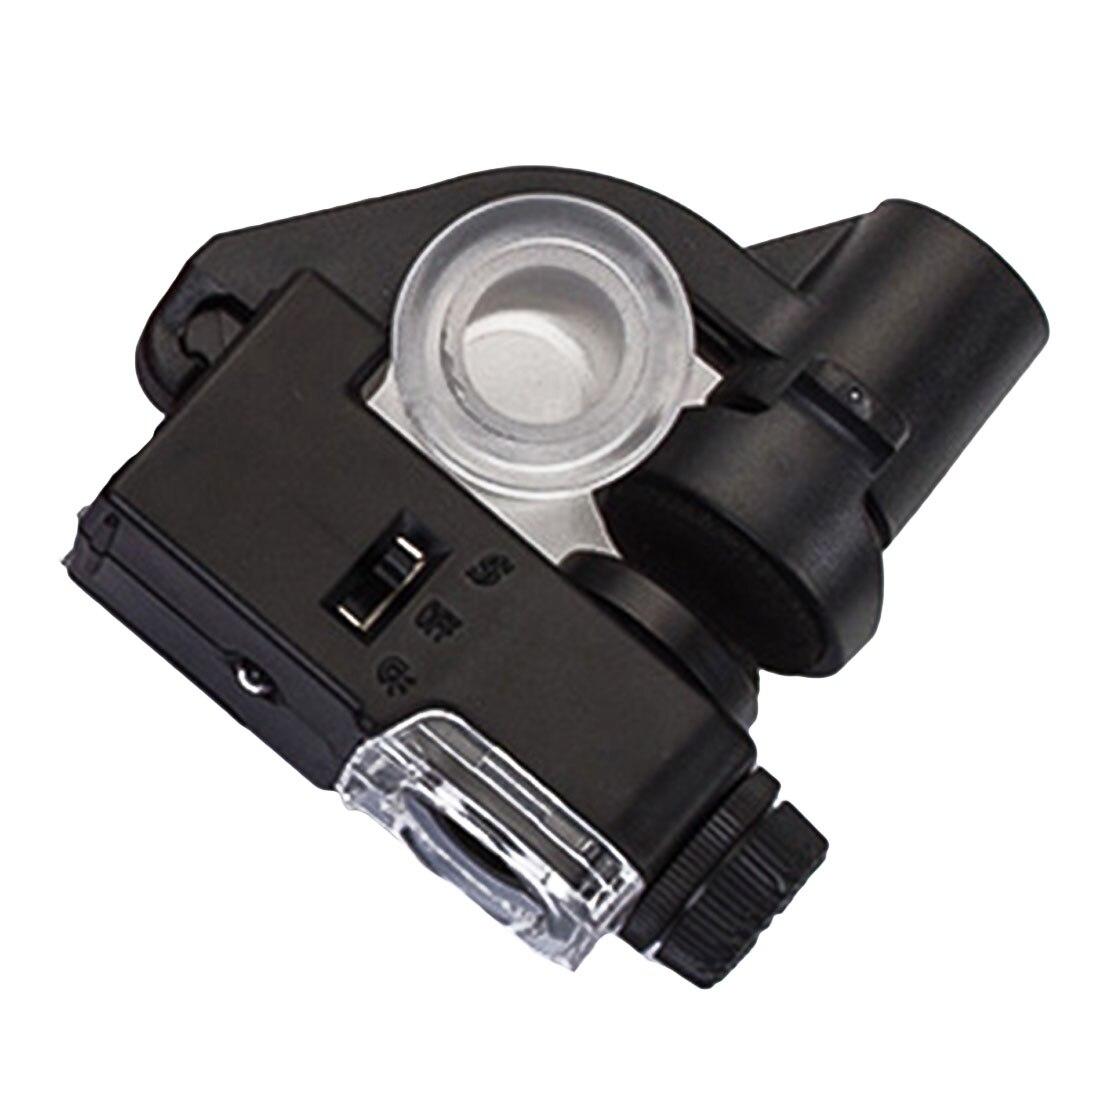 90X макрообъектив для мобильного телефона, микроскоп, увеличительное стекло, светодиодный, инструменты, увеличение с микро-камерой, клипса, оптический зум, лупа